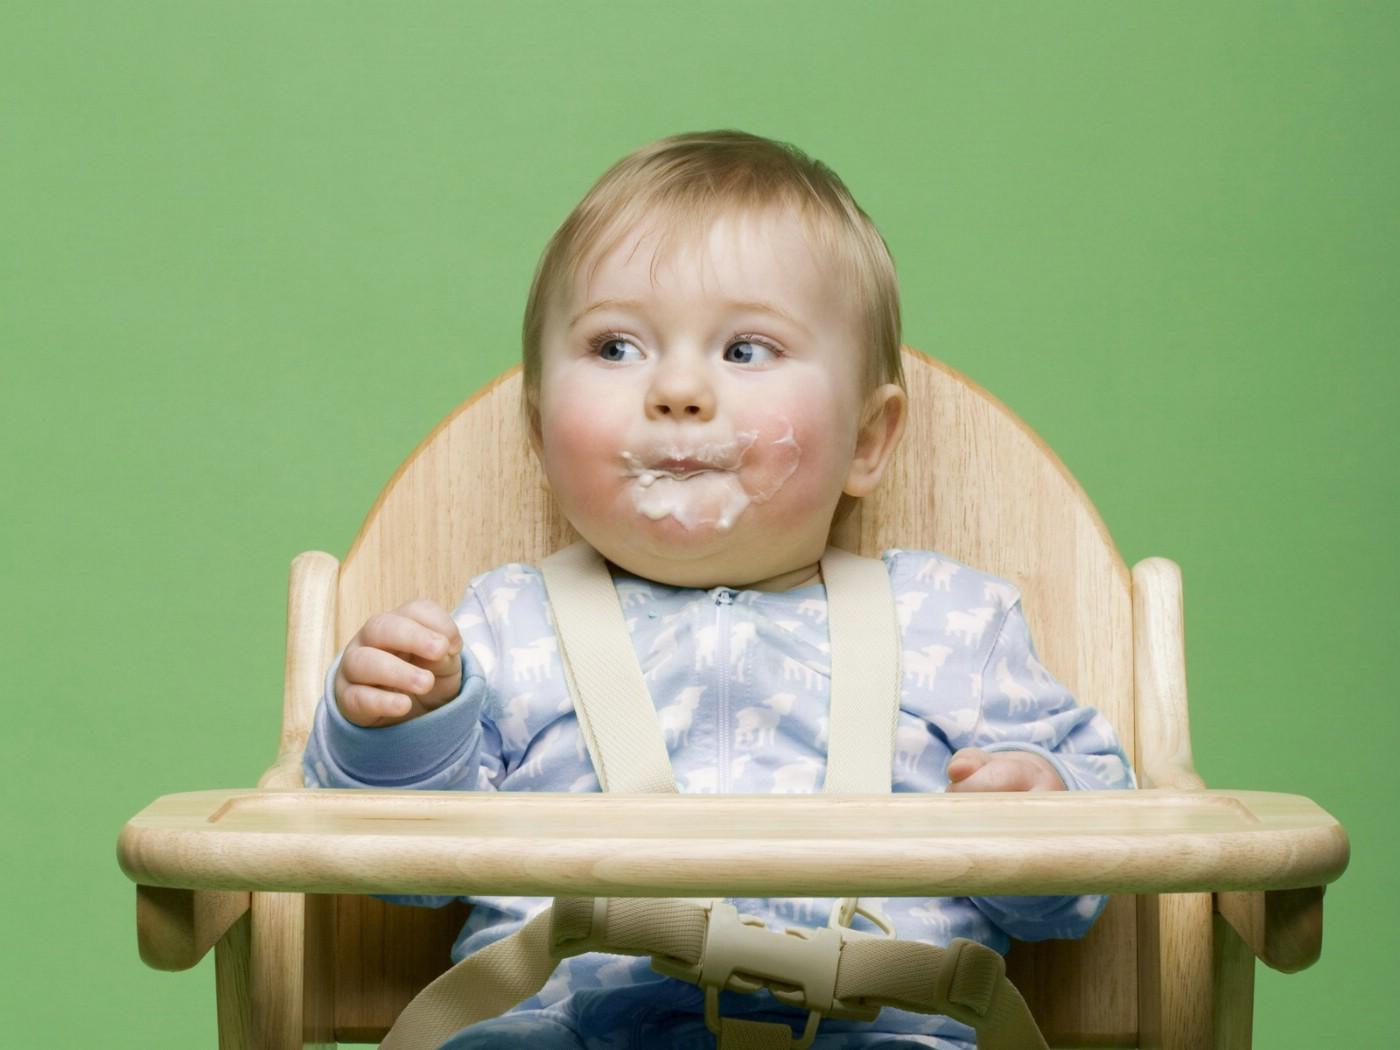 壁纸1400×1050国外小婴儿大头照摄影壁纸壁纸